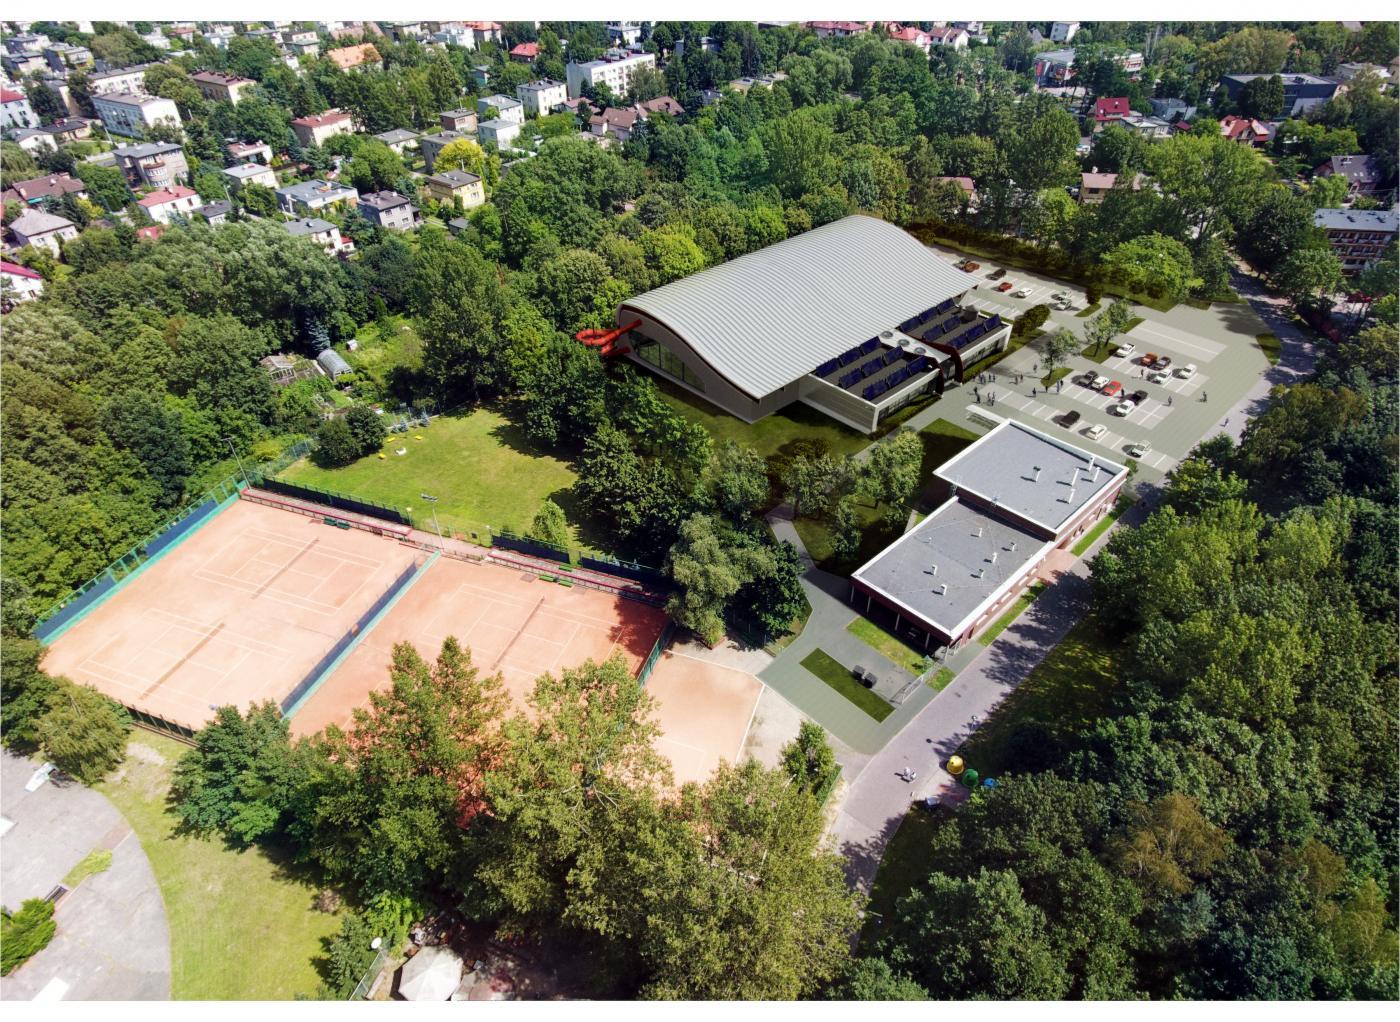 W Katowicach trwa budowa trzech kompleksów basenowych z salami sportowymi